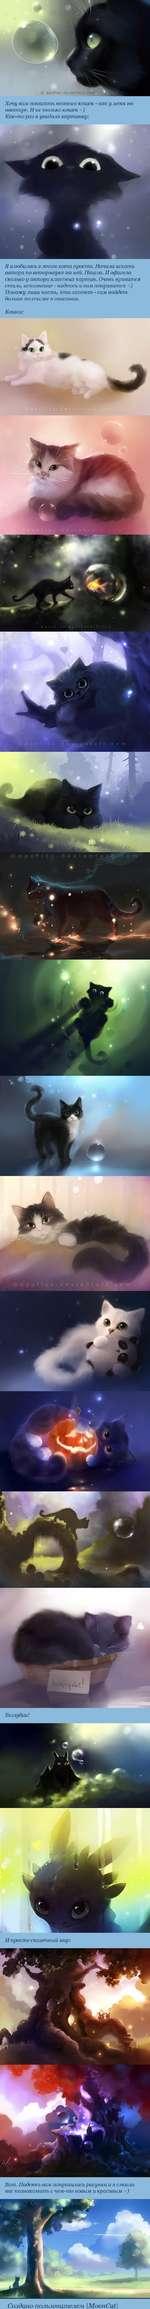 1 * I © apofiss.deviantart.com Хочу вам показать немного кошек - как у меня на аватаре. И не только кошек =) Как-то раз я увидала картинку: Я влюбилась в этого кота просто. Начала искать автора по вотермарке на ней. Нашла. И офигела сколько у автора классных картин. Очень нравится стиль, испо